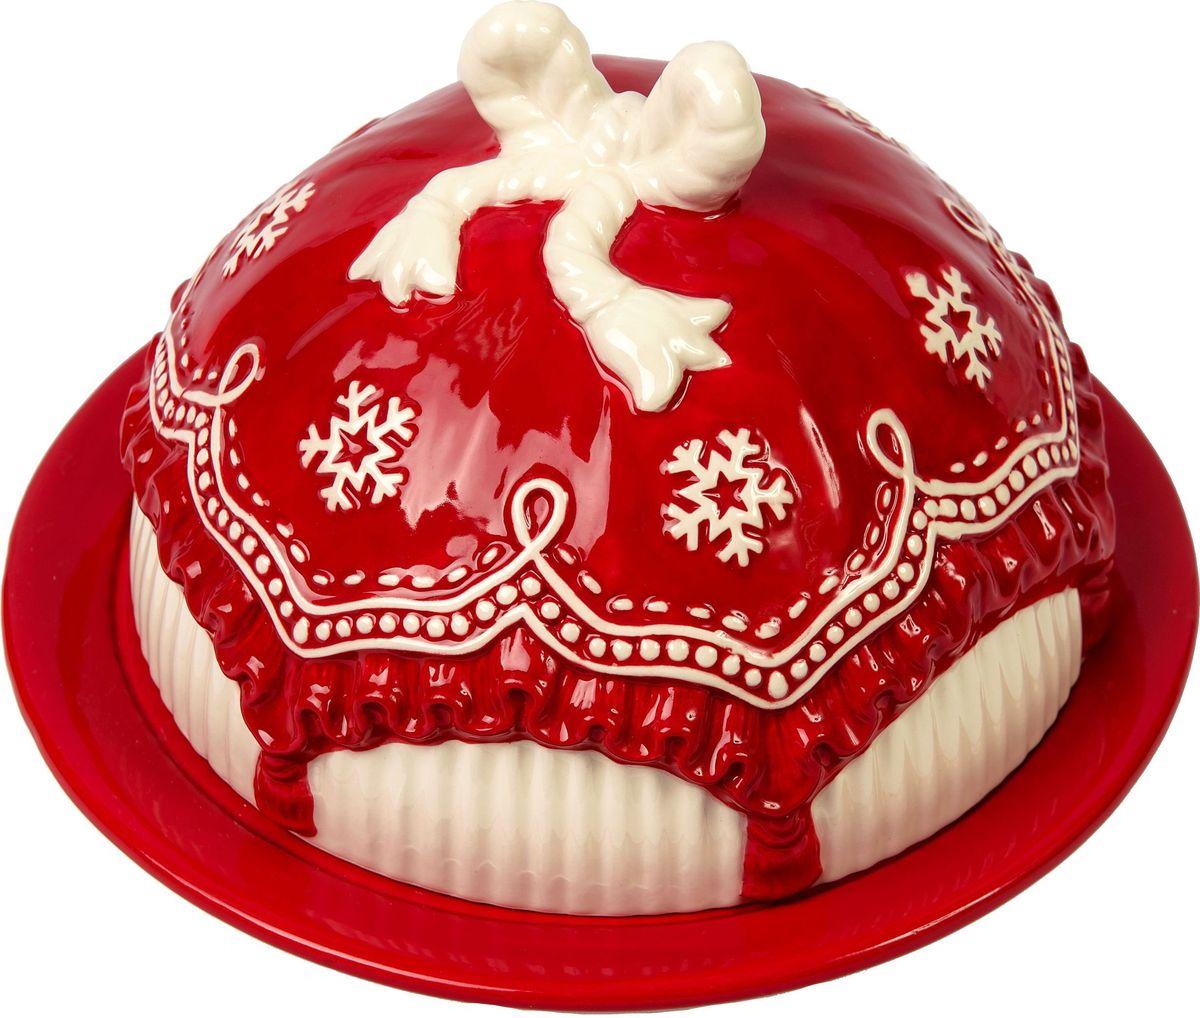 Хлебница Magic Time Уют, 19 x 19 x 11,5 см75890Хлебница УЮТ от Magic Time - это новогоднее украшение для стола, которое приносит ощущение праздника и волшебства в дом, создает атмосферу радости и веселья. Хлебница изготовлена из высококачественной керамики и прекрасно подходит для хранения и сервировки. Такая посуда станет отличным подарком для ваших друзей и близких.